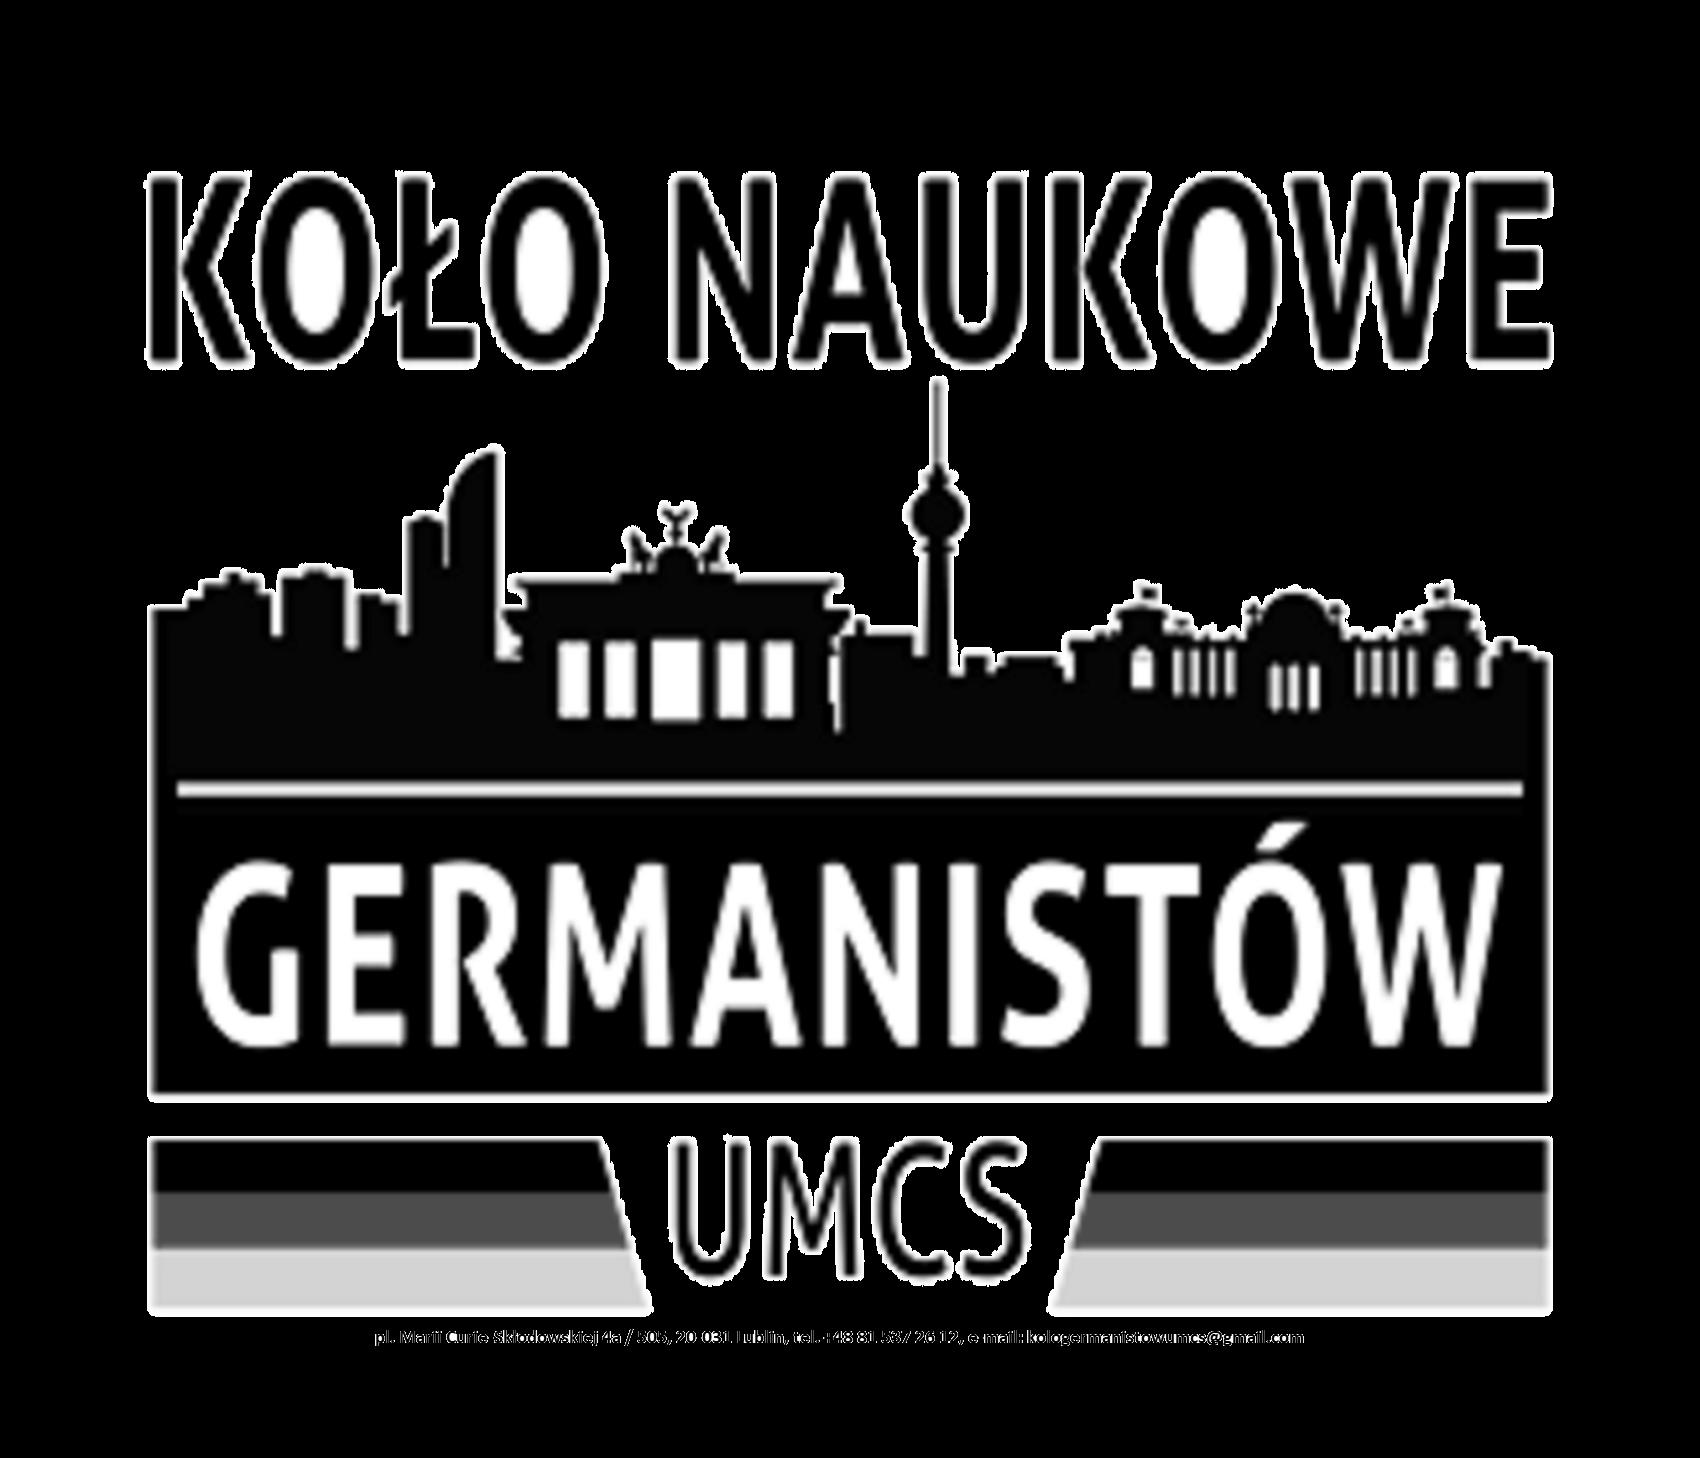 Koło Naukowe Germanistów UMCS